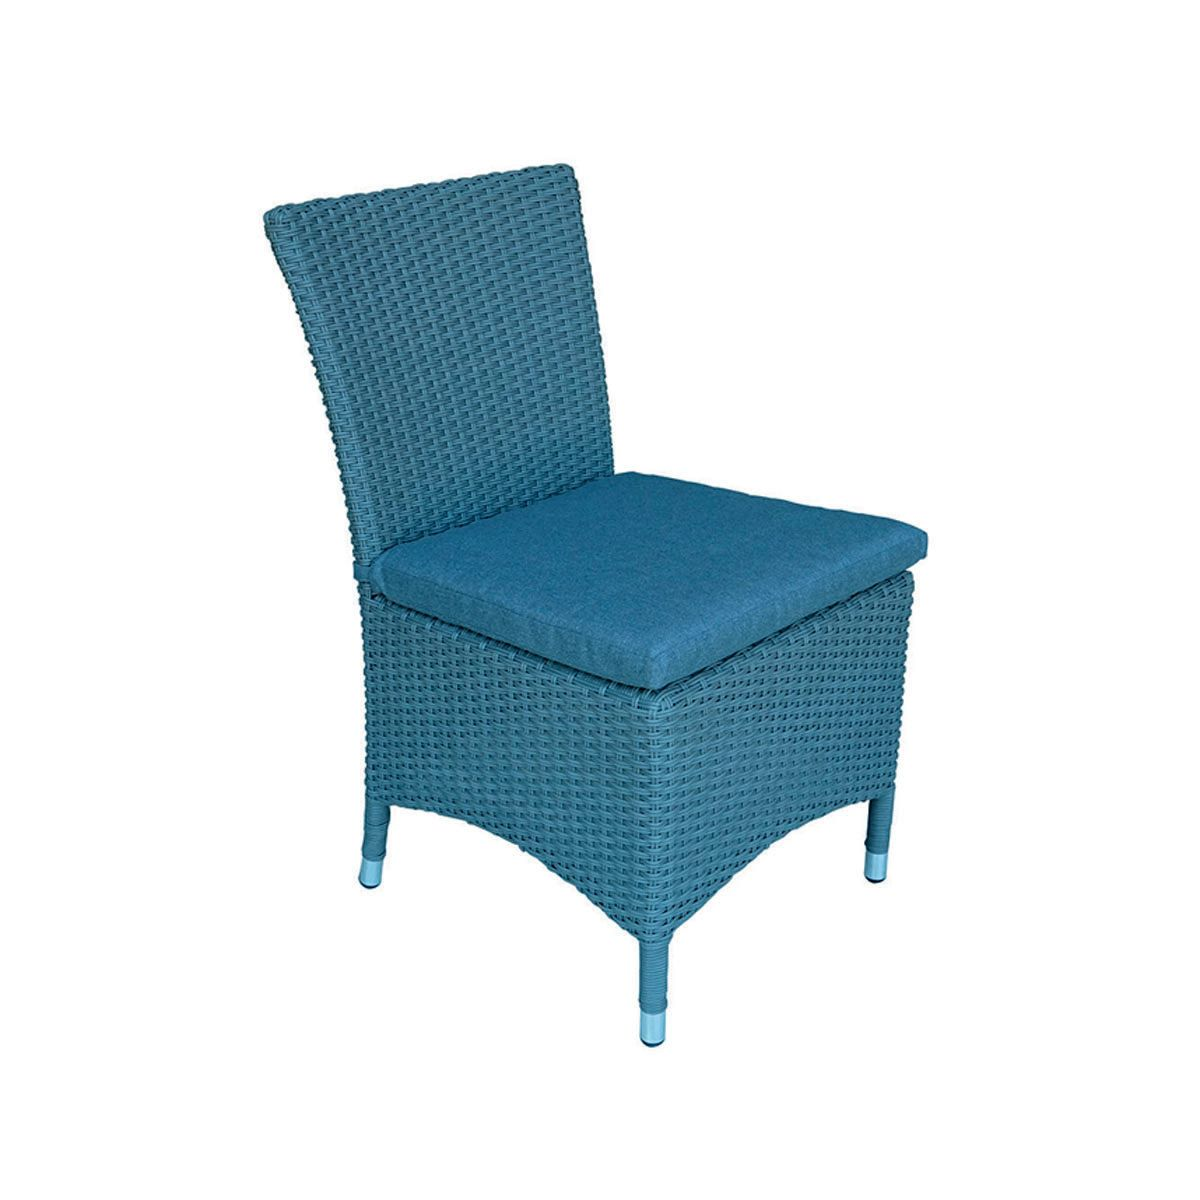 Sedie per esterno economiche giardino e cefal grigio with sedie per esterno economiche sedia - Sedie per esterno economiche ...